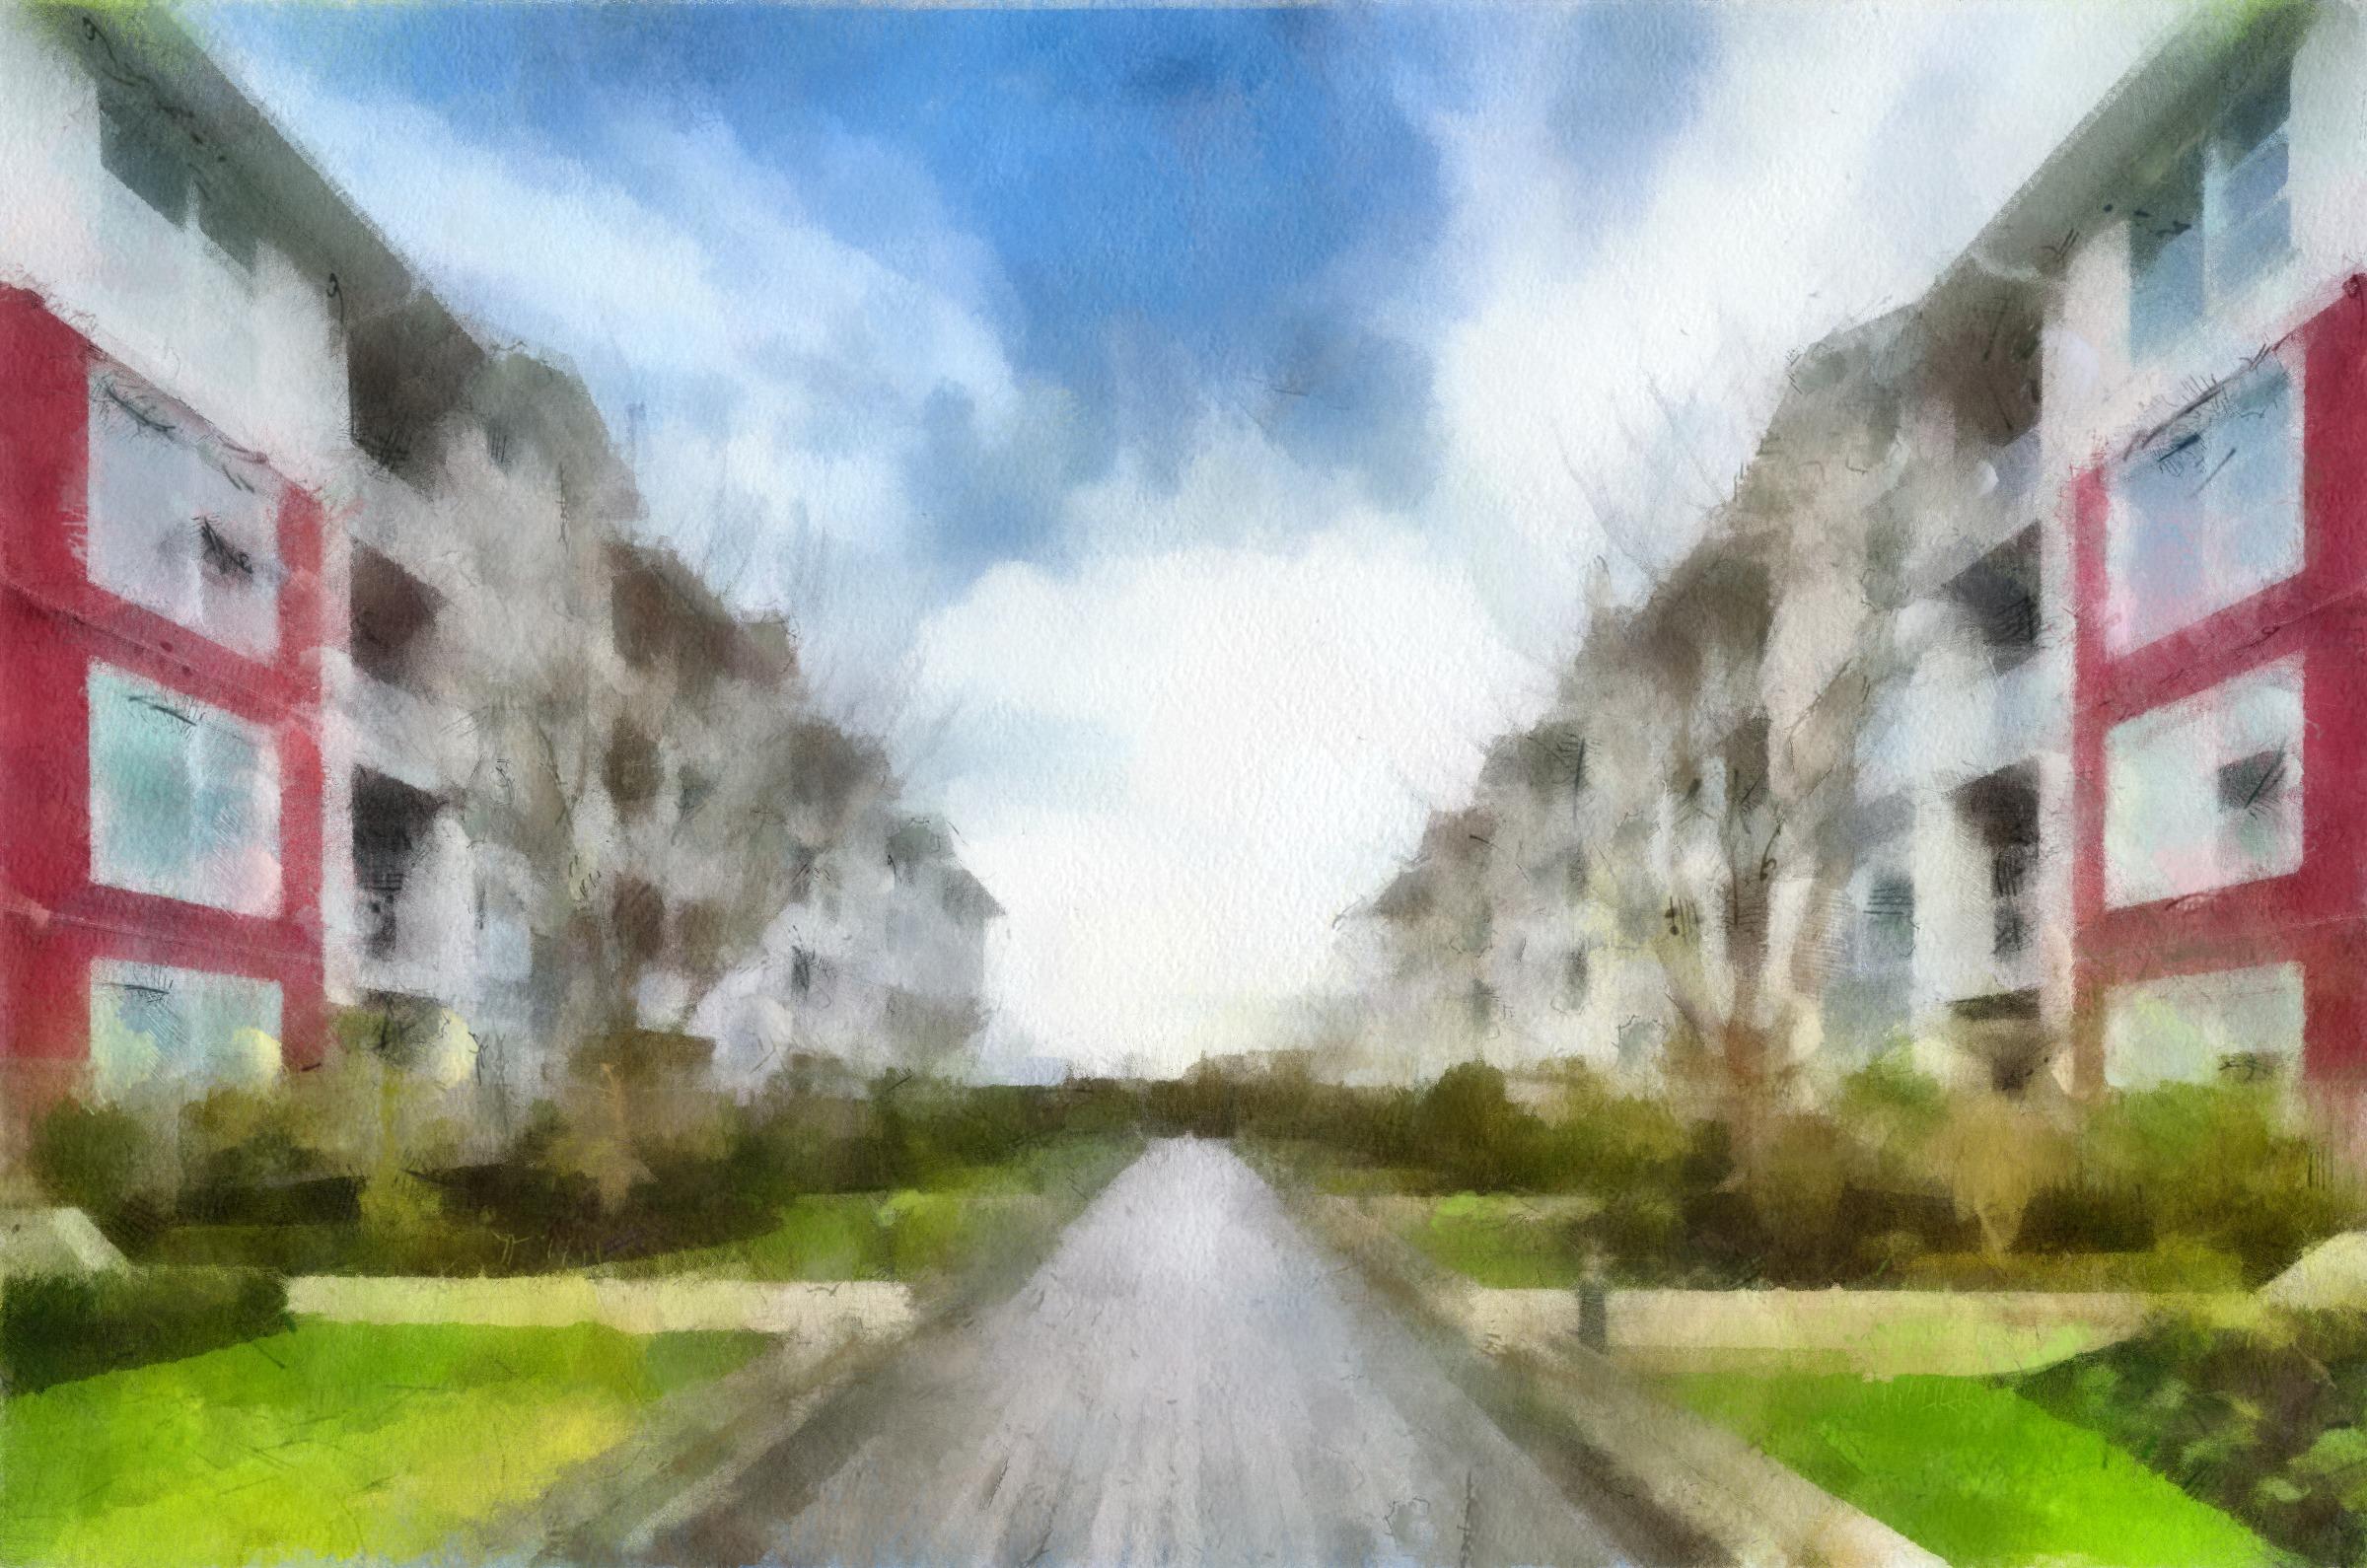 62c7ed8aa9997aec9d56b217bfdb2942_DAP_Watercolor.jpg